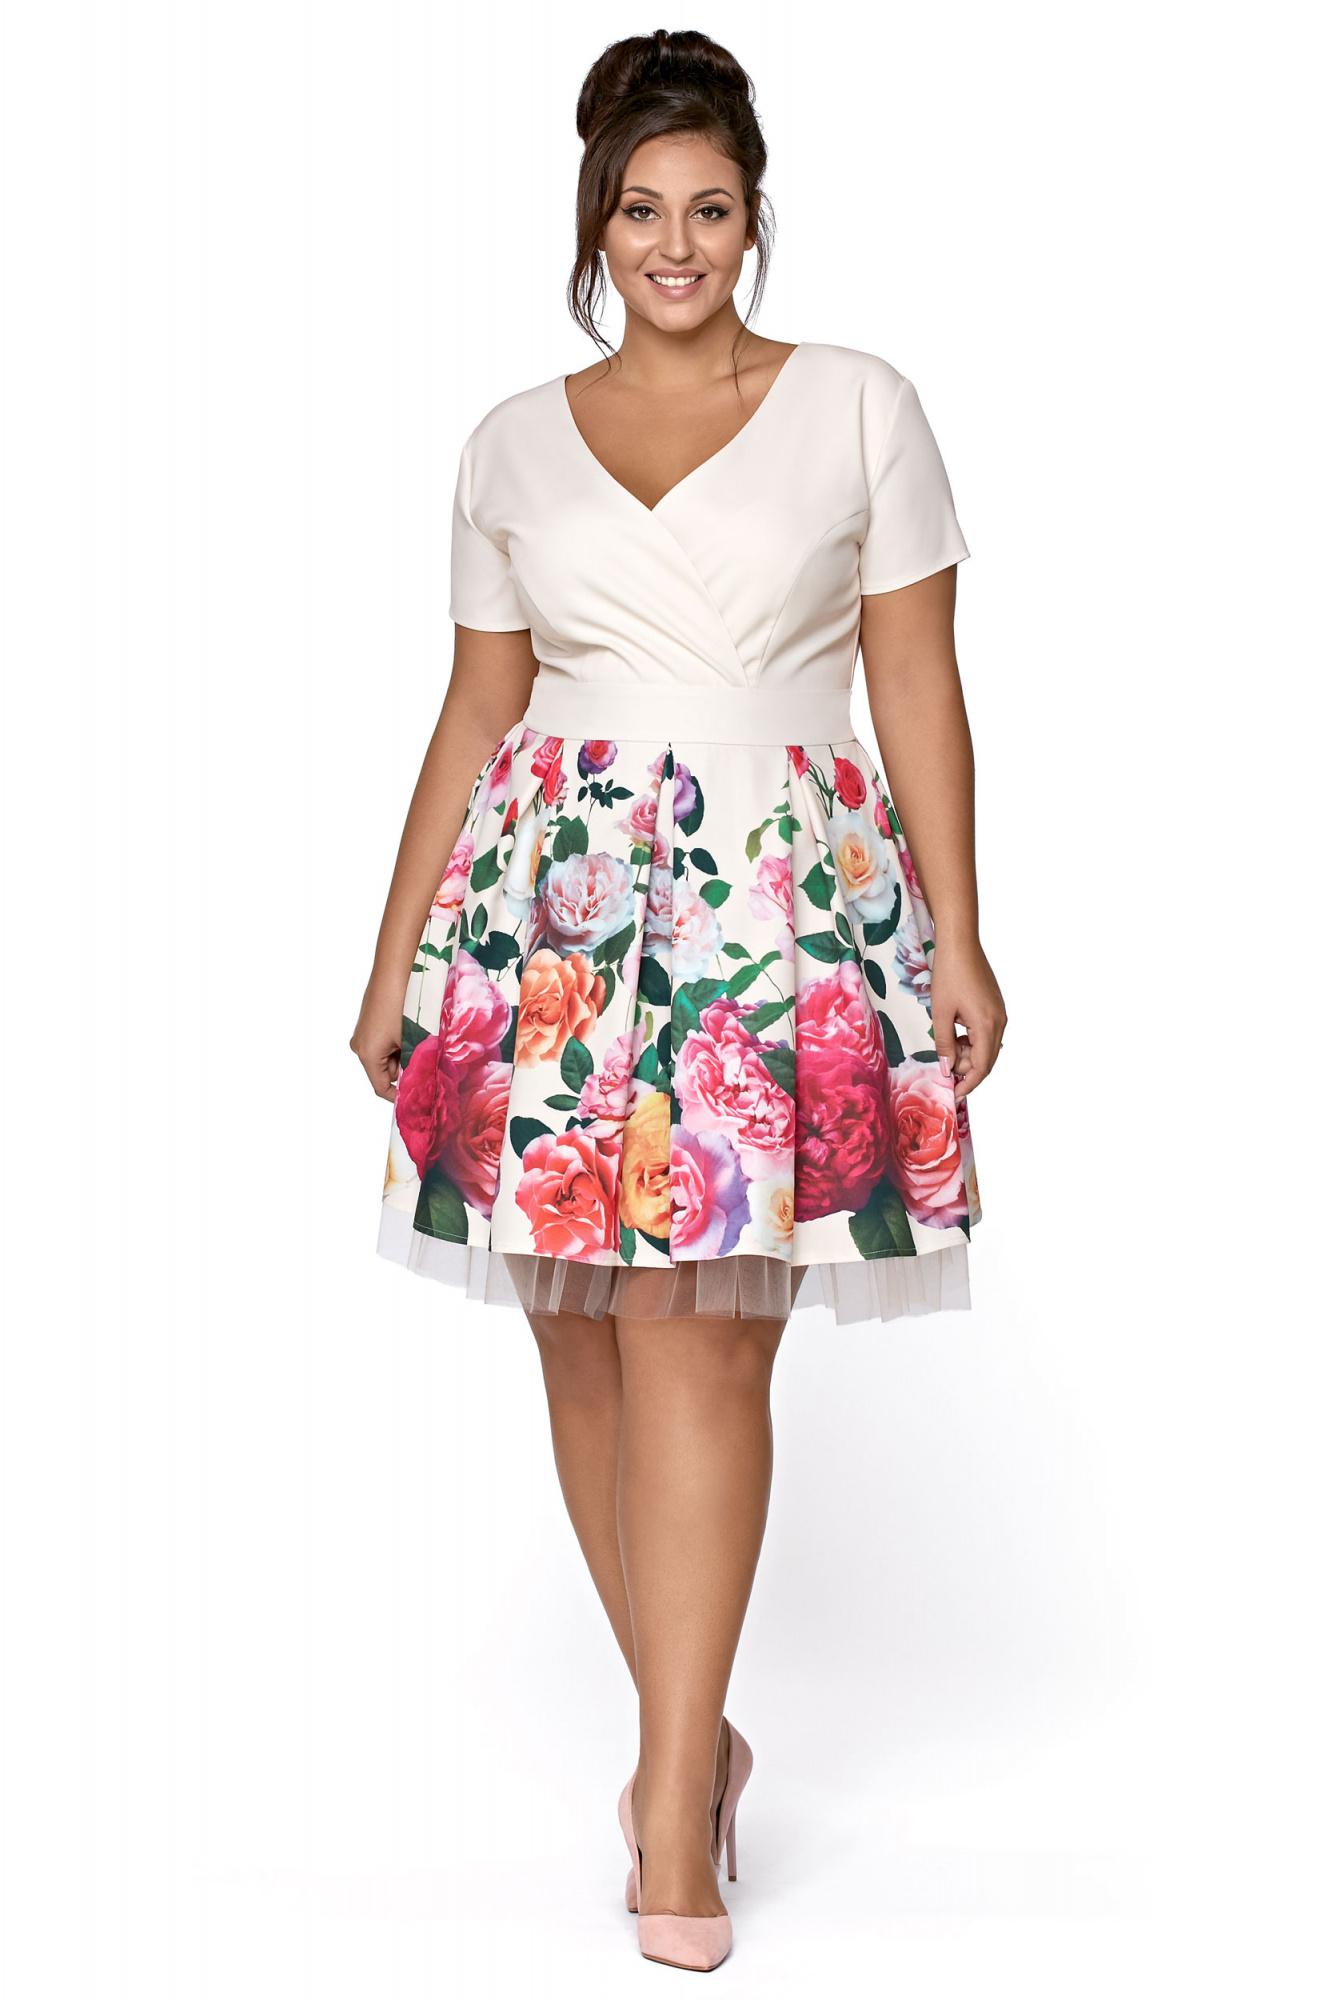 033ad50c6a Rozkloszowana wizytowa sukienka w kwiaty km223-1ps - ❤ Kartes-Moda ❤